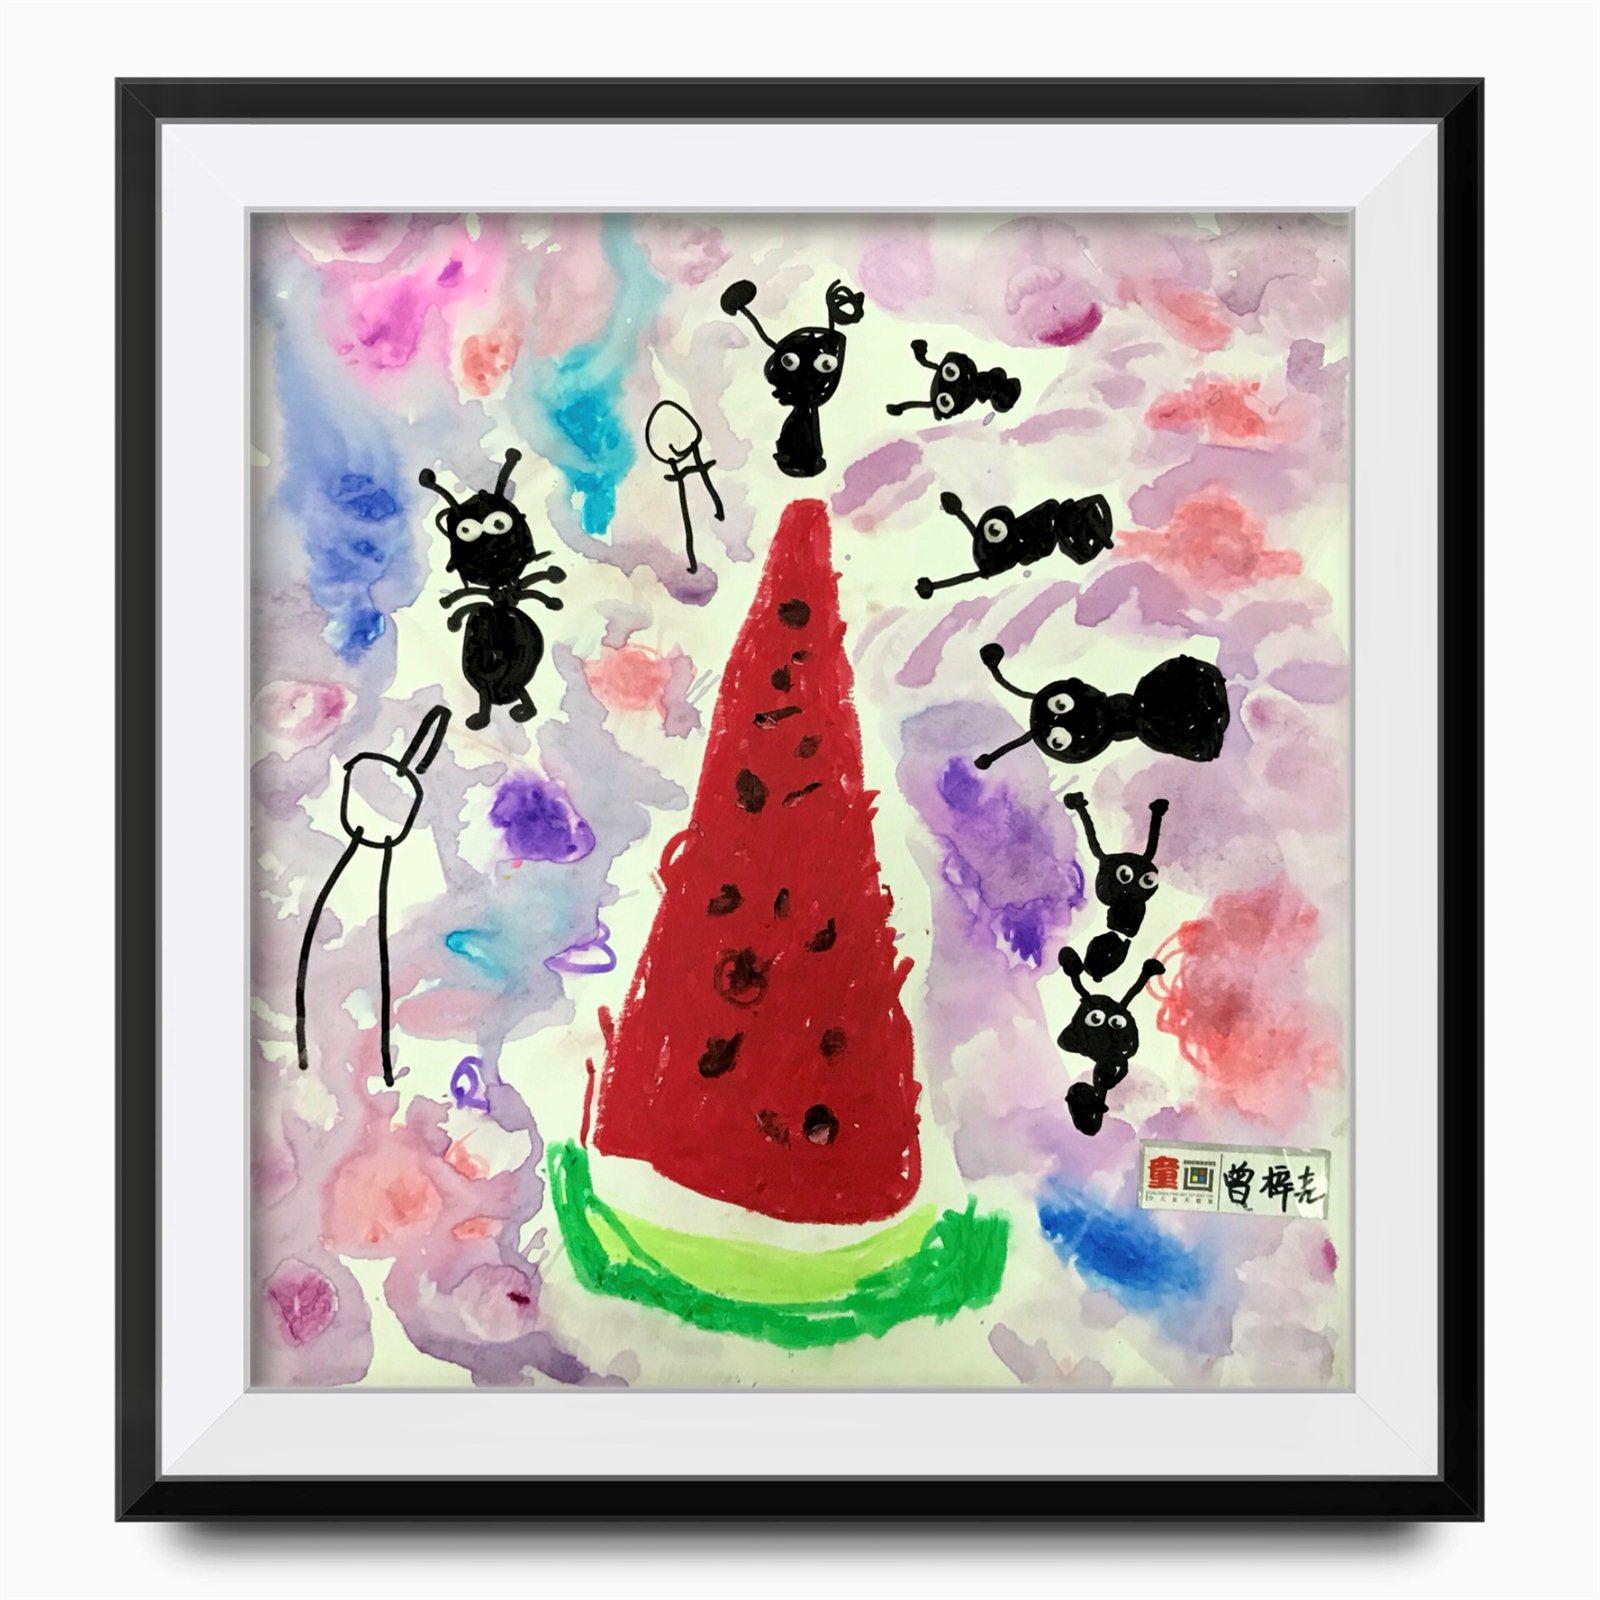 老师寄语:你是一位可爱的女孩,画画能大胆尝试,画面有一定的表现力